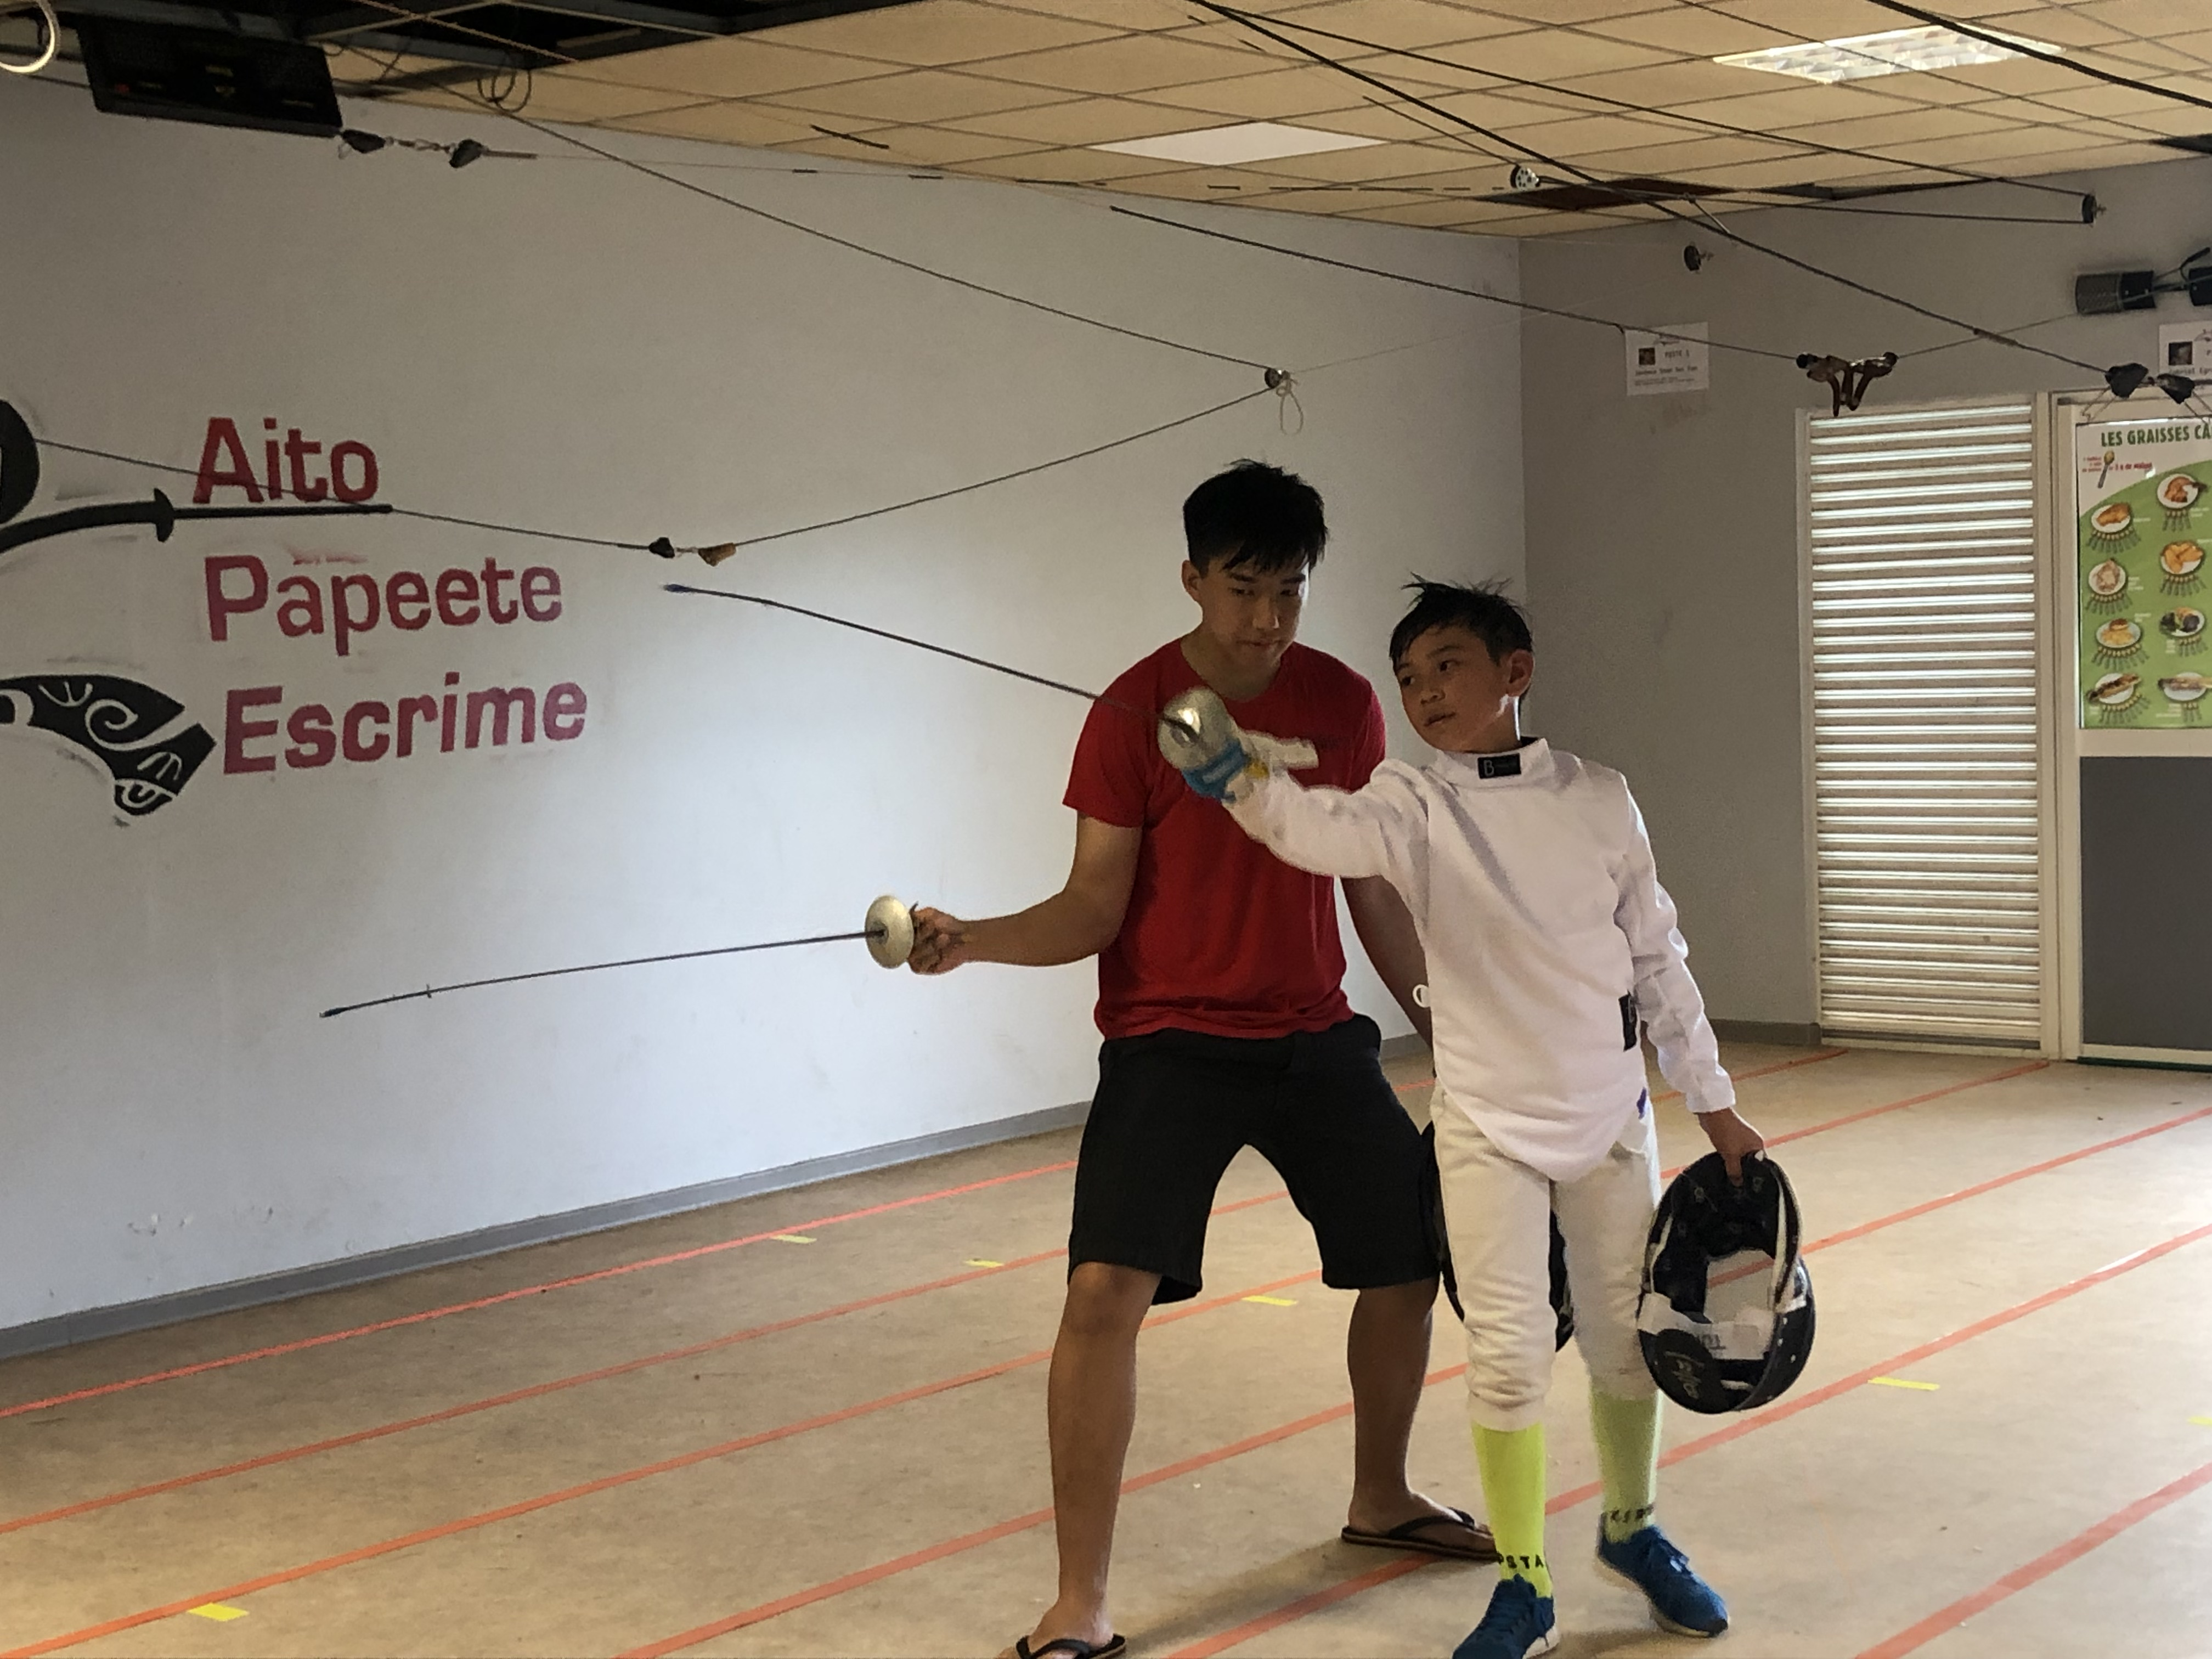 En attendant de poser ses valises très prochainement du côté de Paris, Jérémie continue de s'entraîner au sein de son club à Papeete, où il donne des conseils aux plus jeunes.